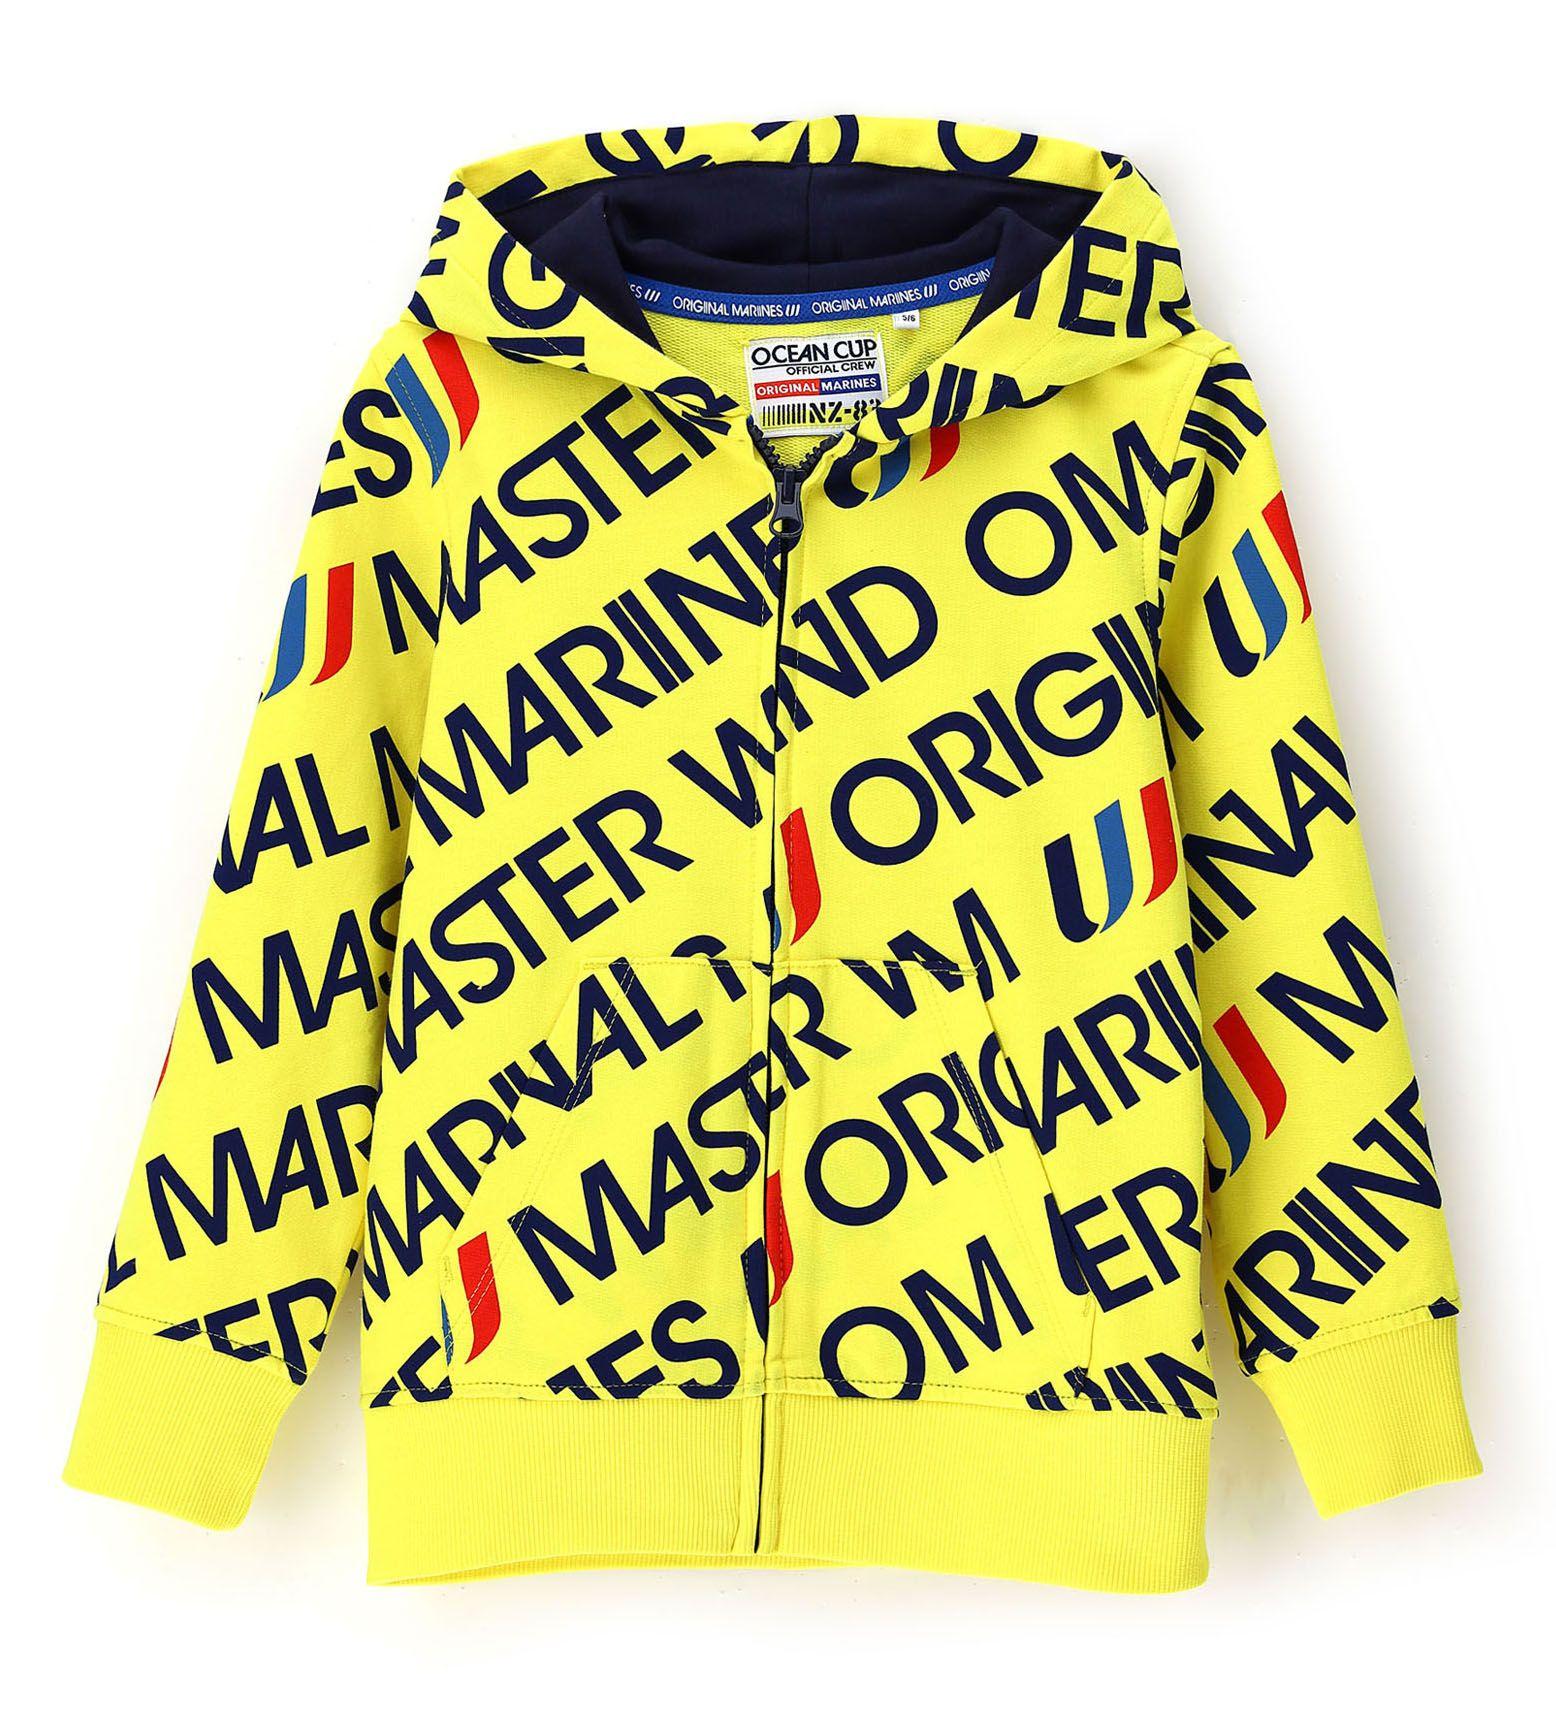 Купить Толстовка на молнии Original Marines, желтый, 116, Мальчики, весна